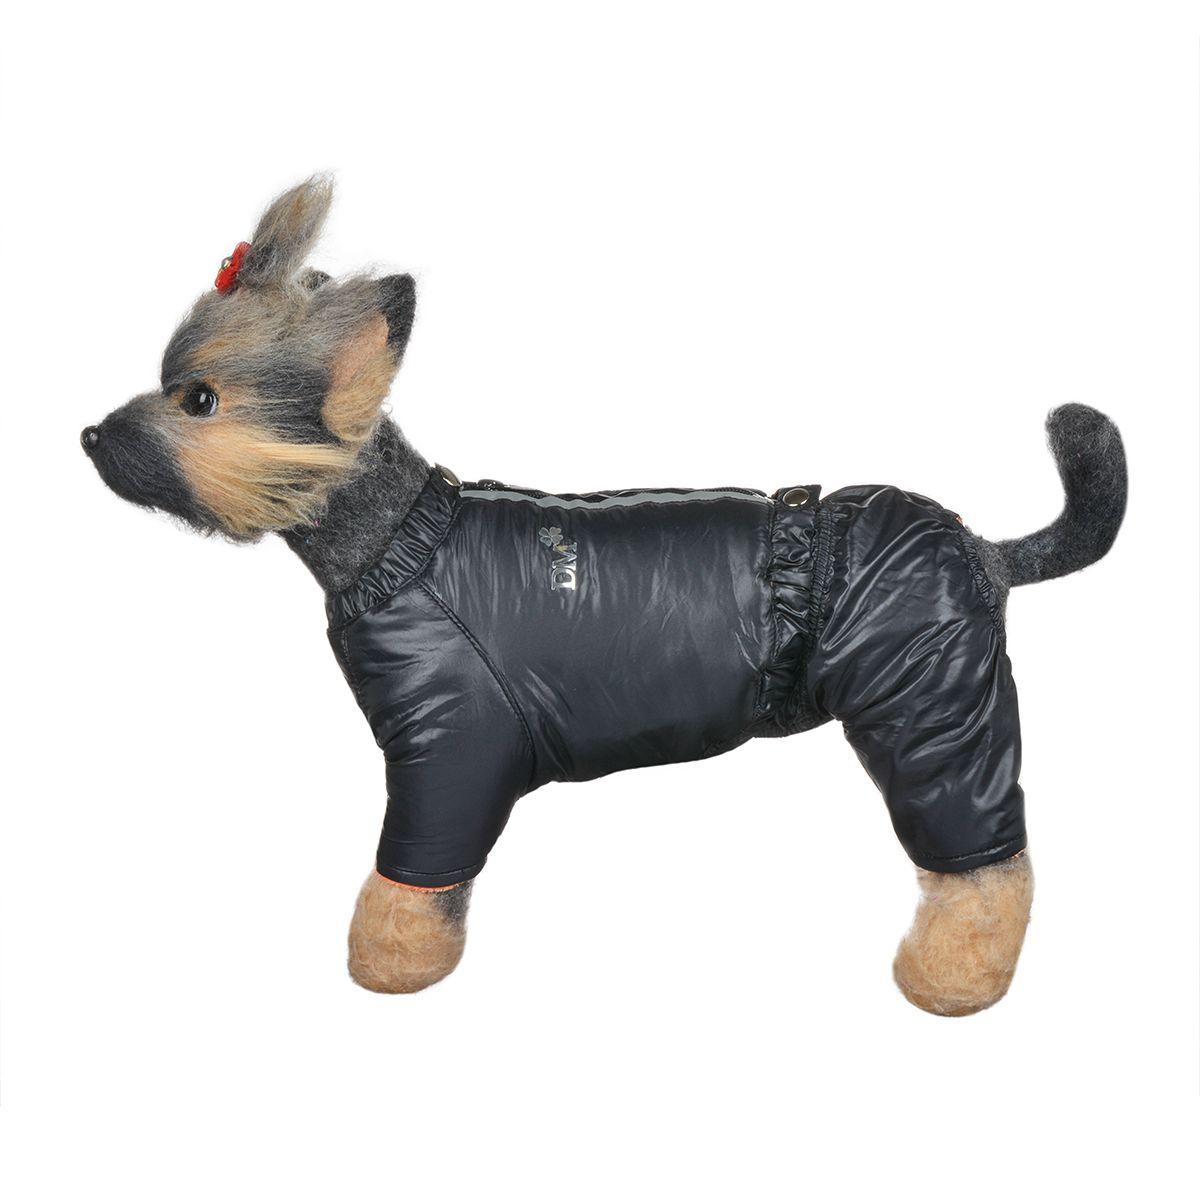 Костюм для собак Dogmoda Дублин, зимний, для мальчика, цвет: черный, оранжевый. Размер 1 (S) комбинезон для собак dogmoda doggs зимний для девочки цвет фиолетовый размер xxl